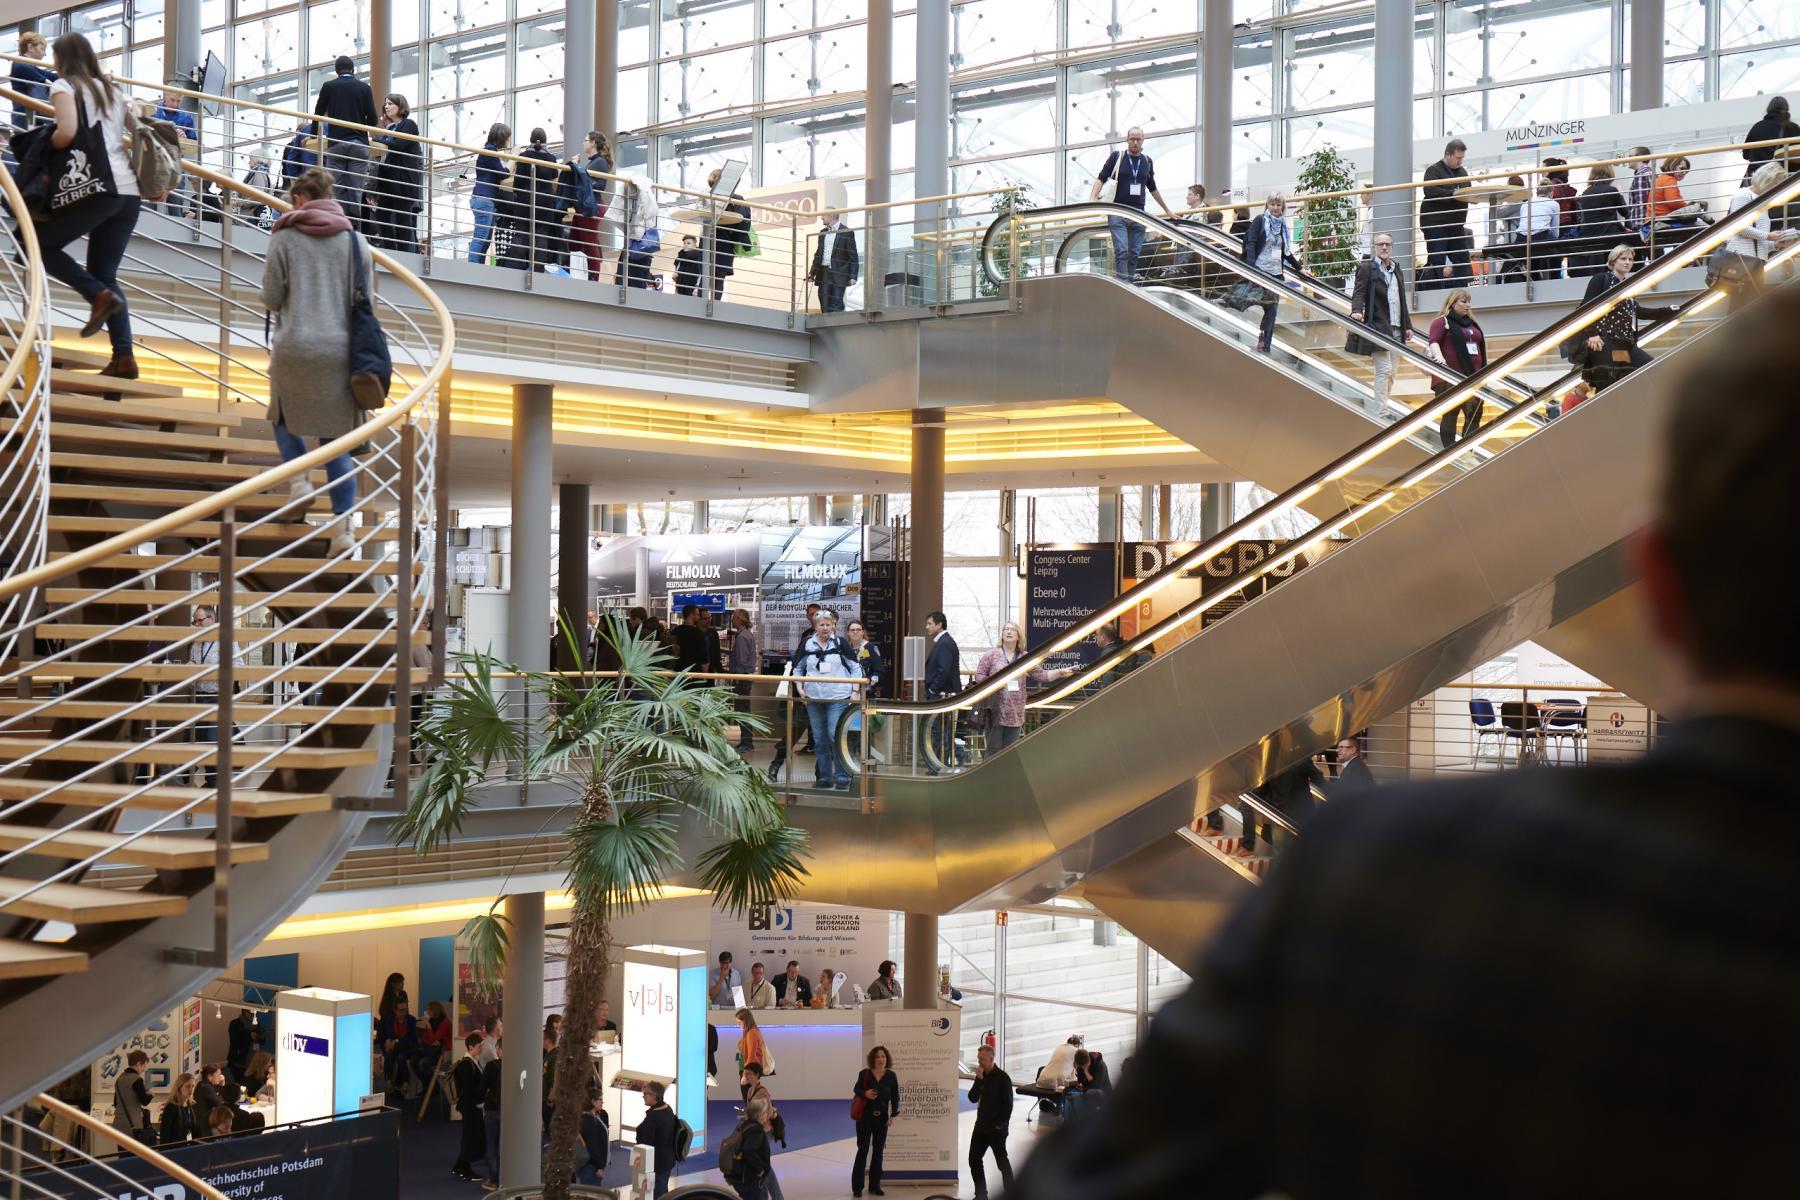 Kongressgebäude Leipziger Bibliothekskongress